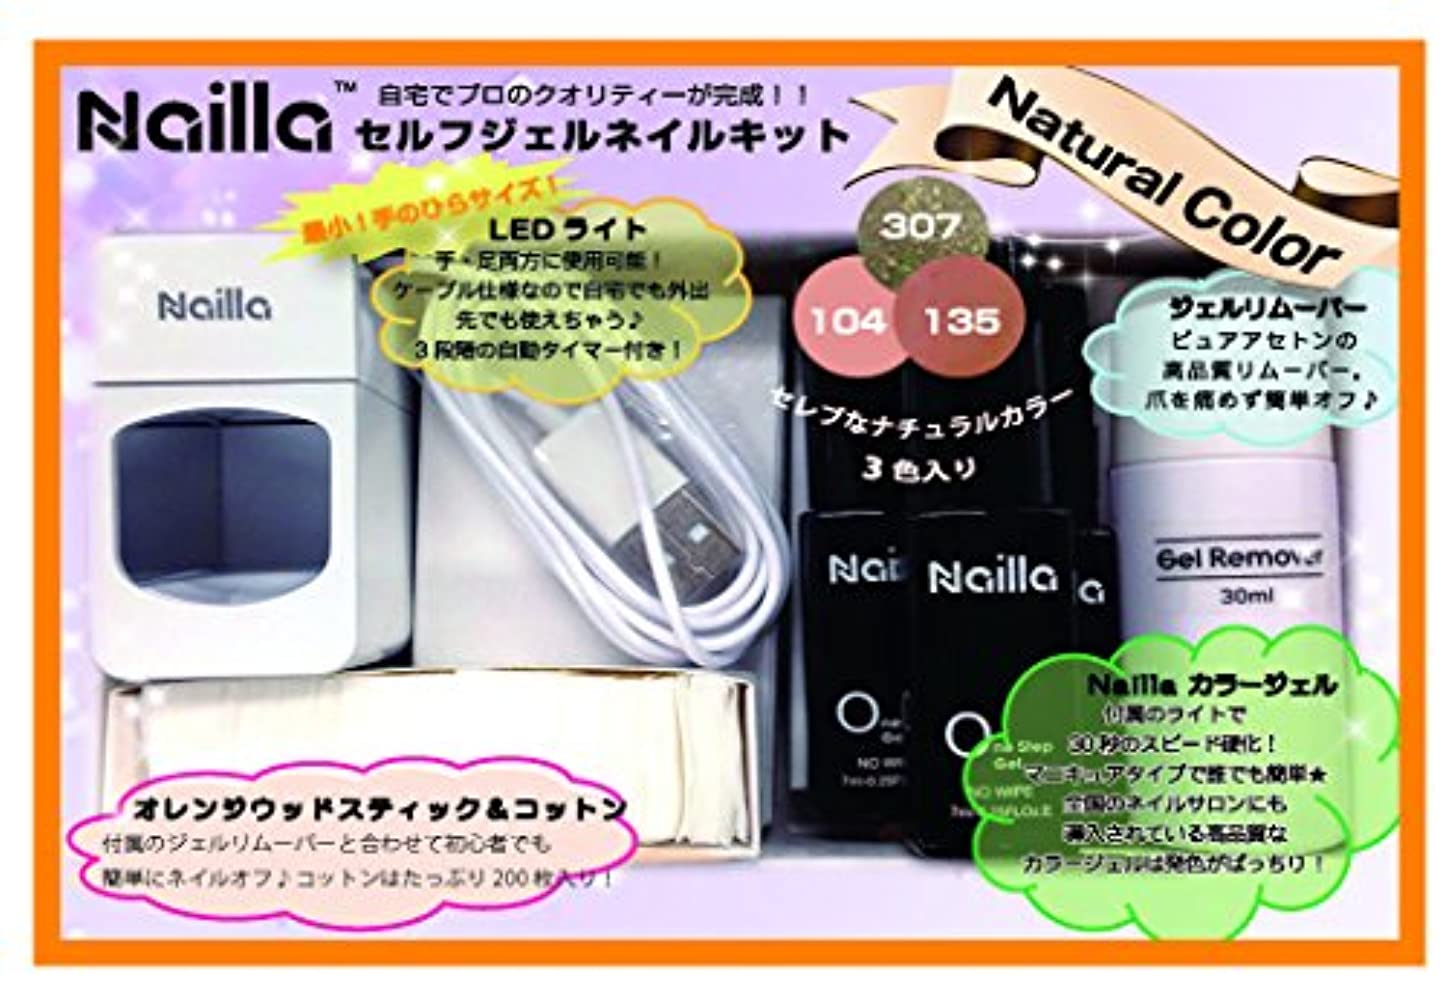 マニアック王女半球ネイラ(Nailla)ジェルネイルキット ナチュラルカラー(104?307?135) / 7ml